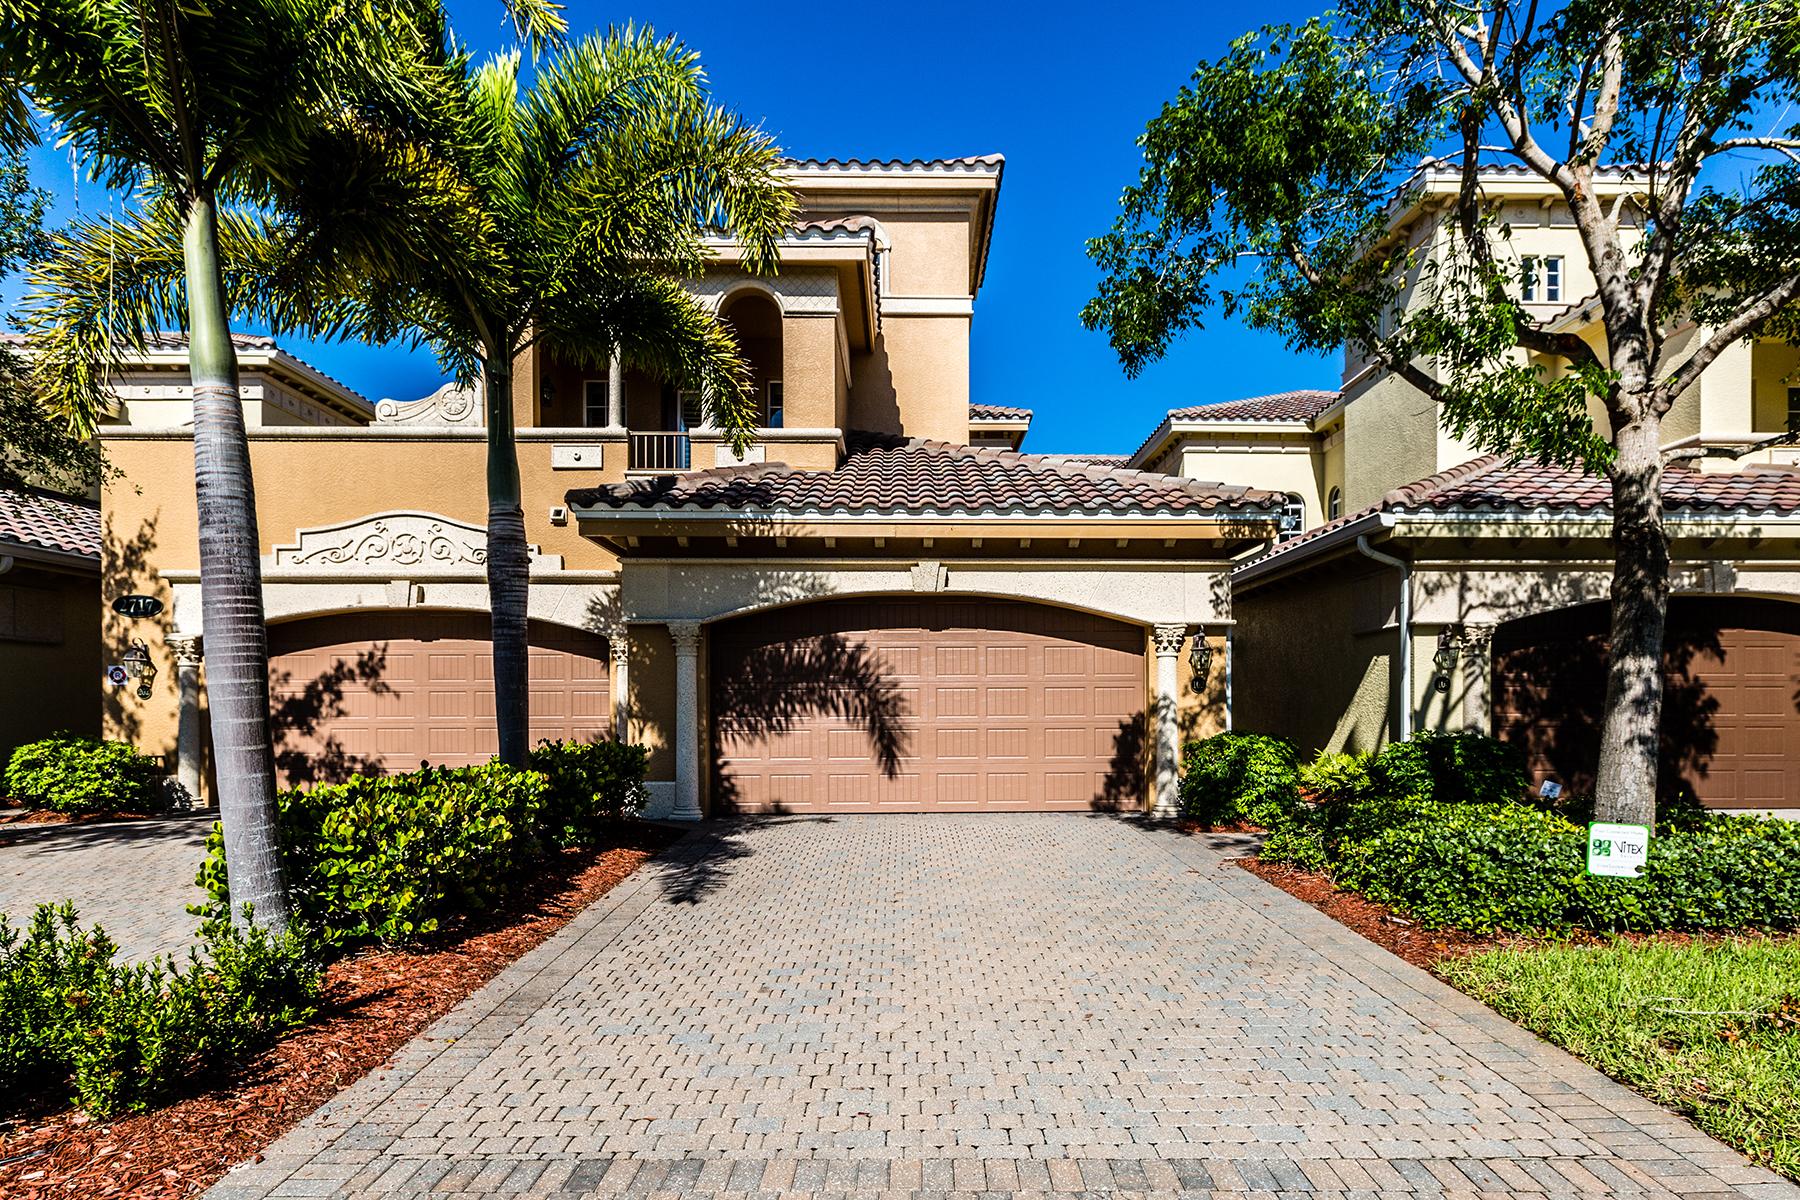 Condominium for Rent at FIDDLERS CREEK - CALLISTA 2717 Callista Ct 102 Naples, Florida 34114 United States